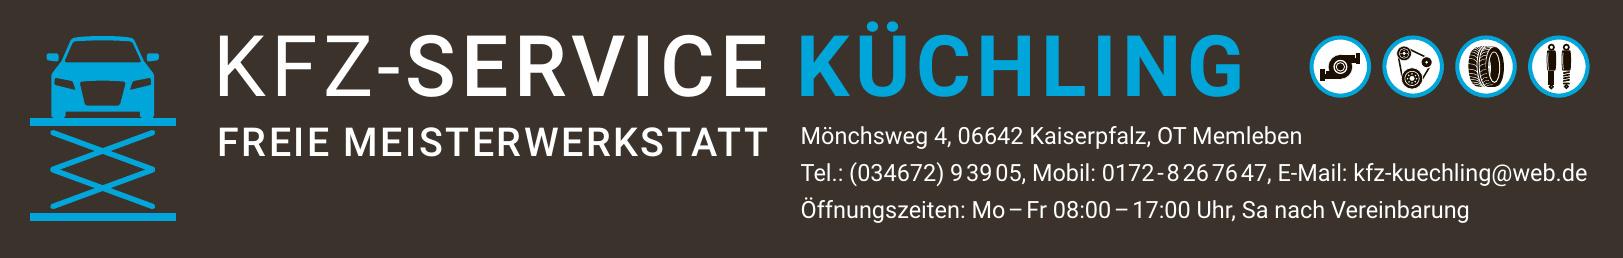 KFZ-Service Küchling